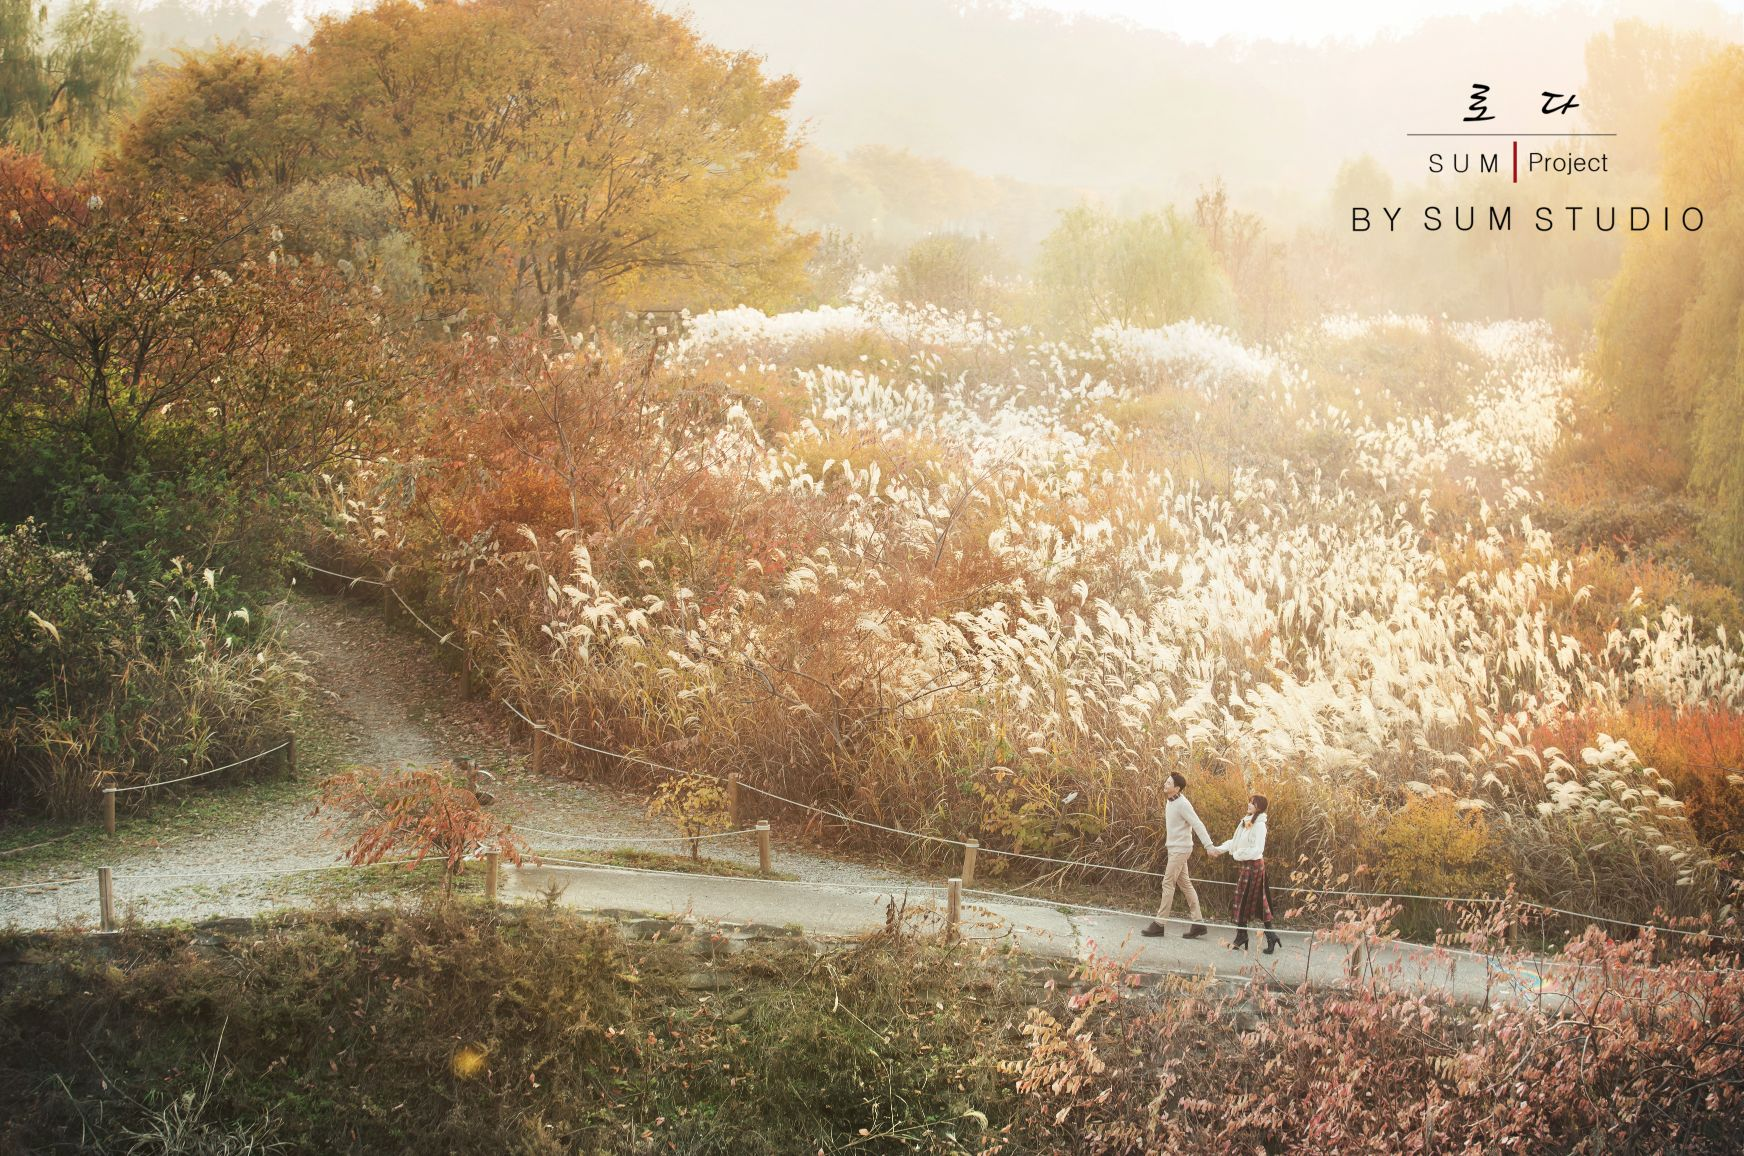 别浪费了秋季的绚烂景色 秋天婚纱照欣赏【22】